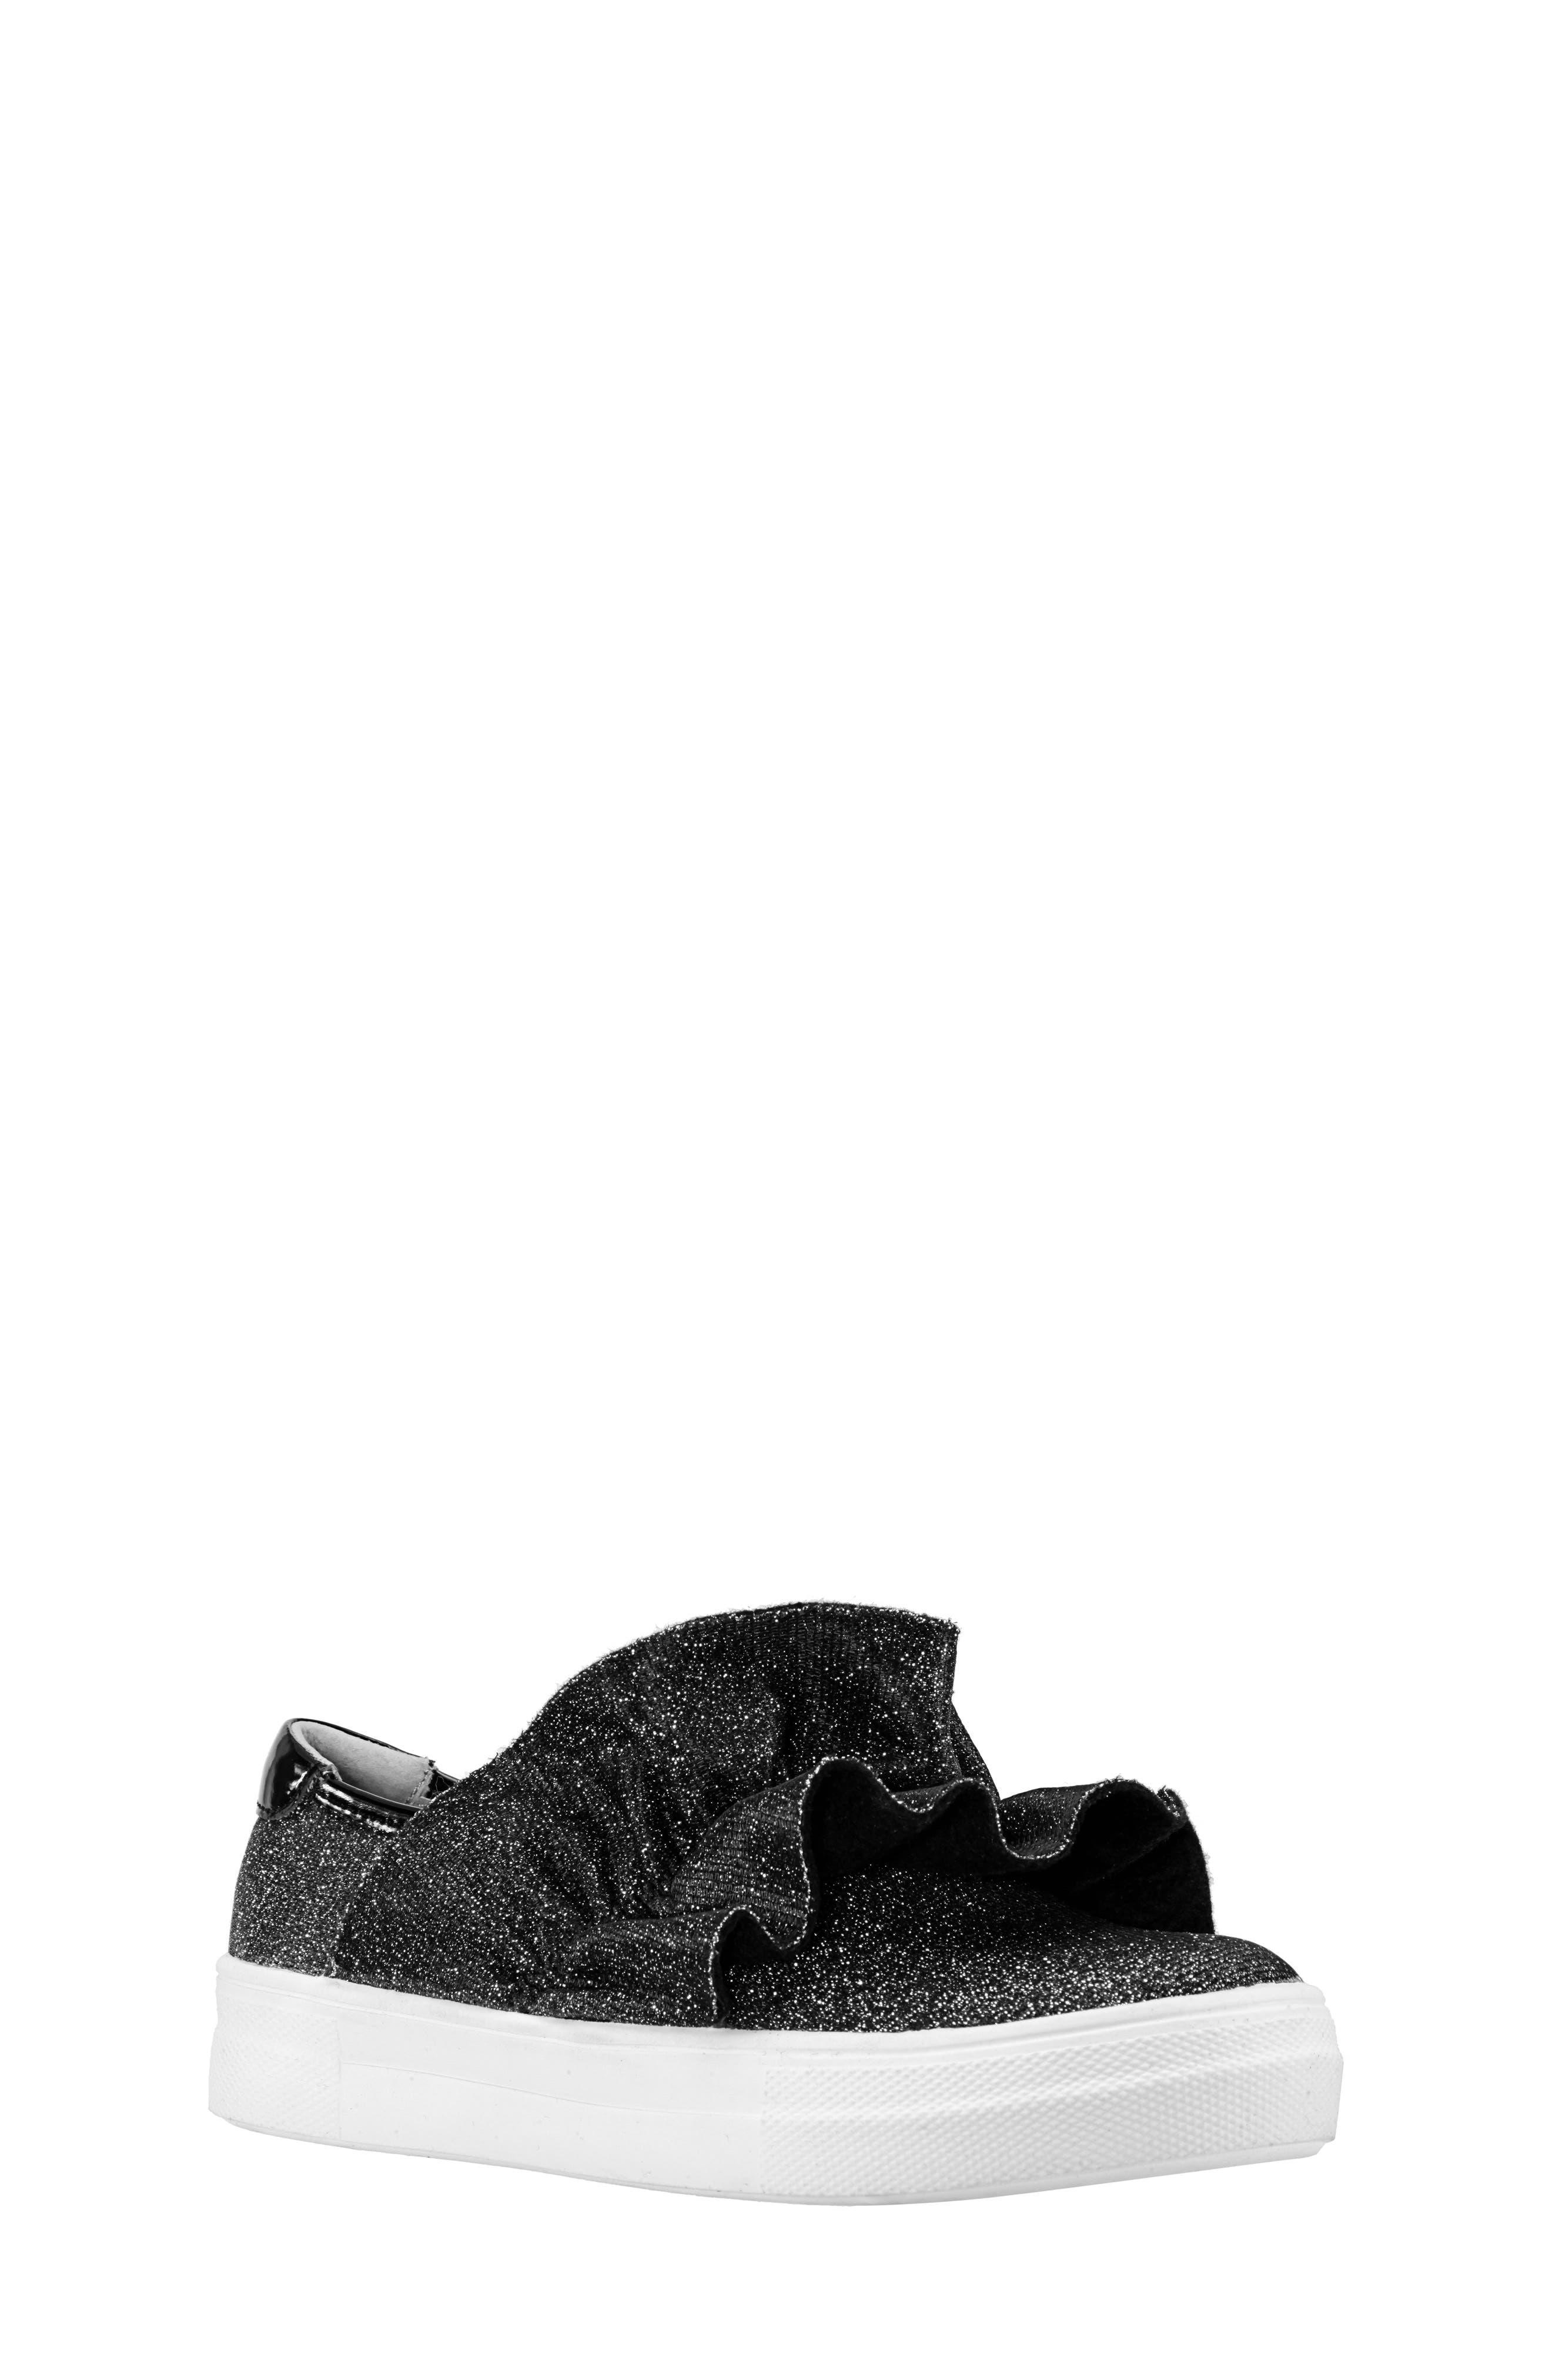 Ivani Slip-On Sneaker,                             Main thumbnail 1, color,                             010